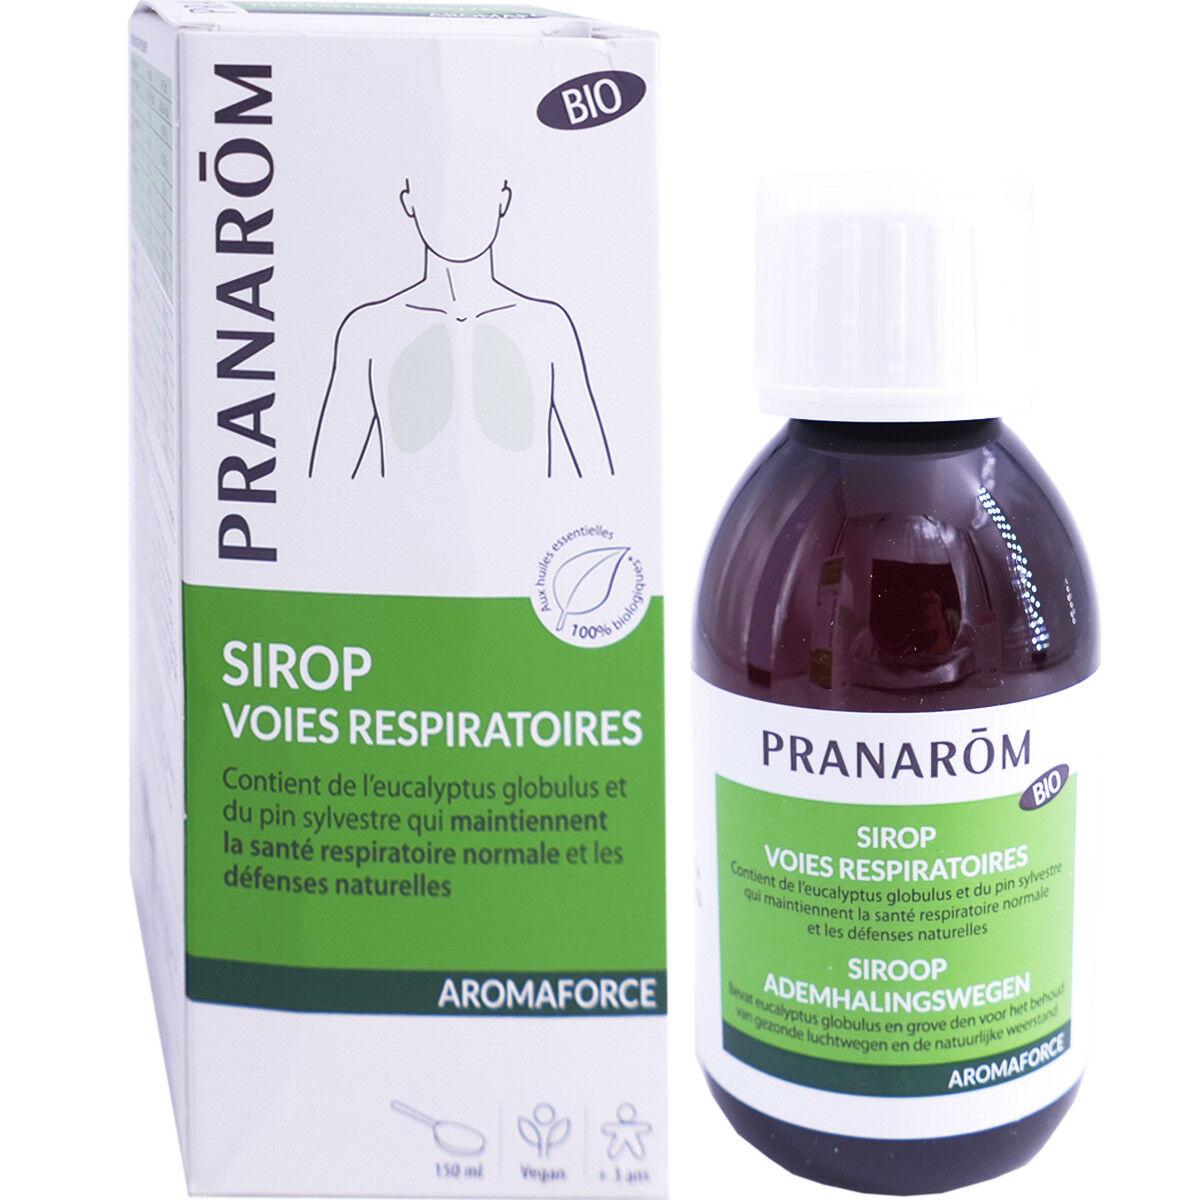 Pranarom aromaforce sirop voies respiratoires bio 150ml